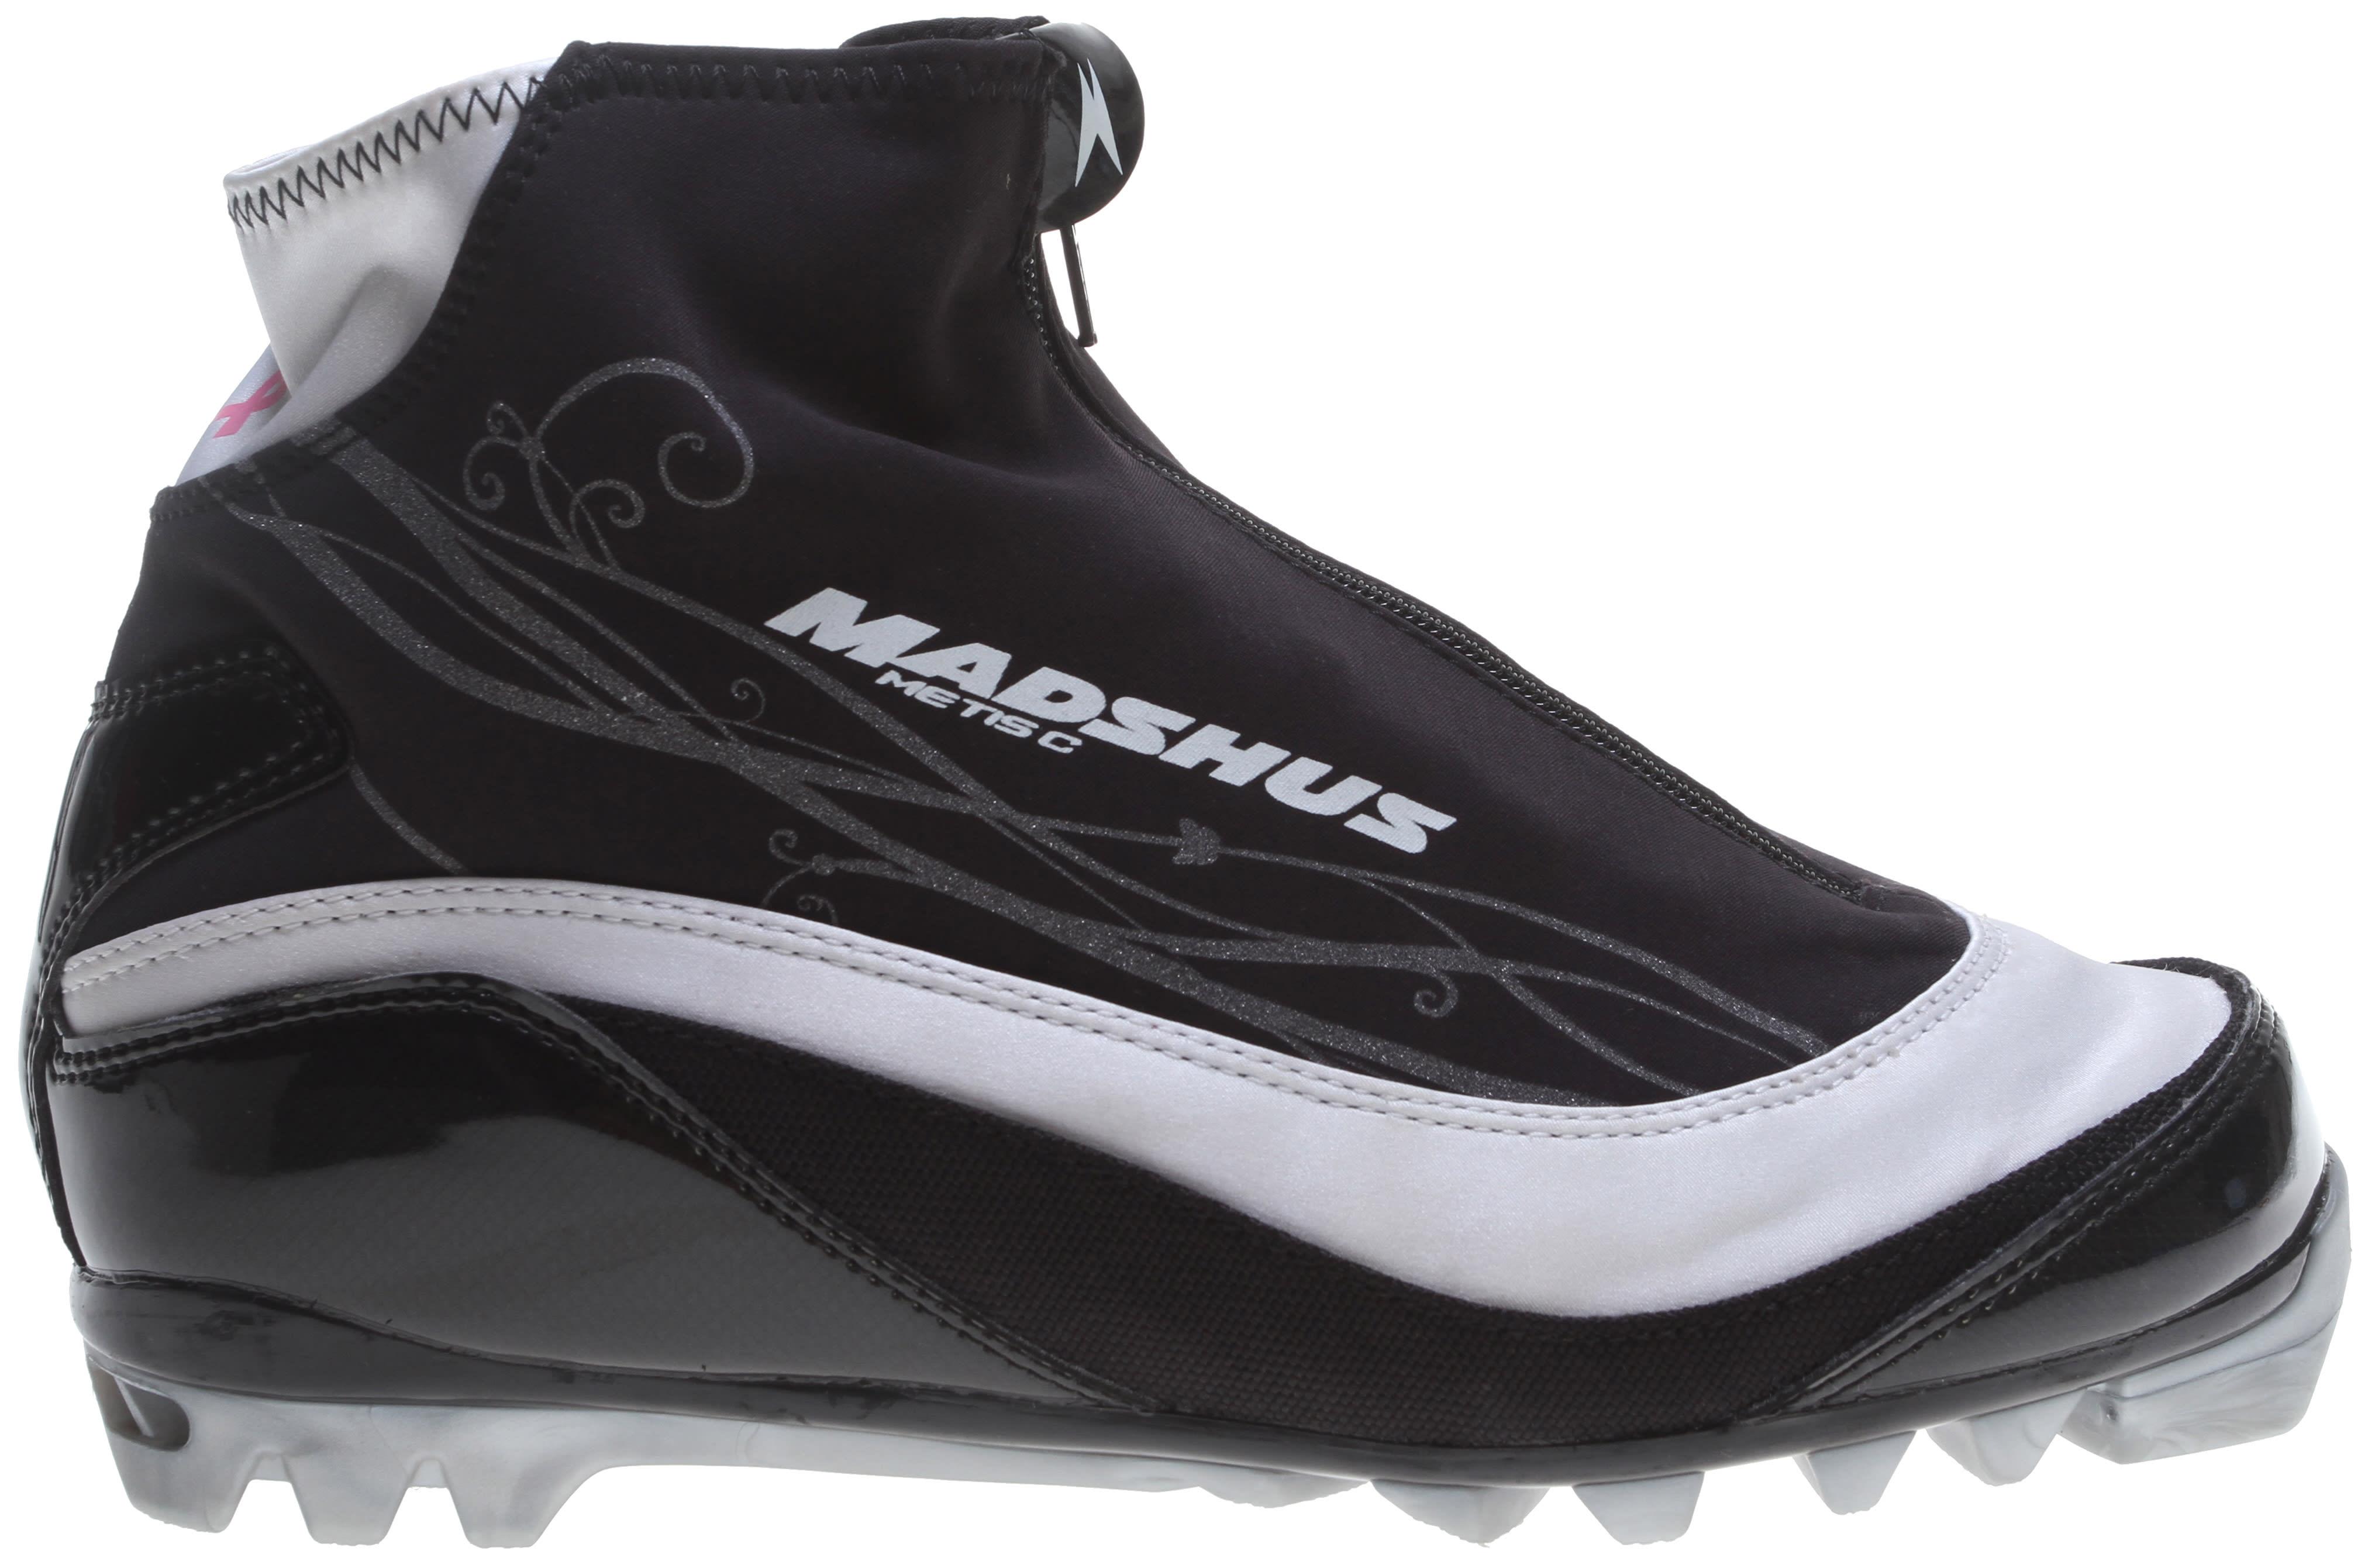 Madshus Metis C Xc Ski Boots Girls